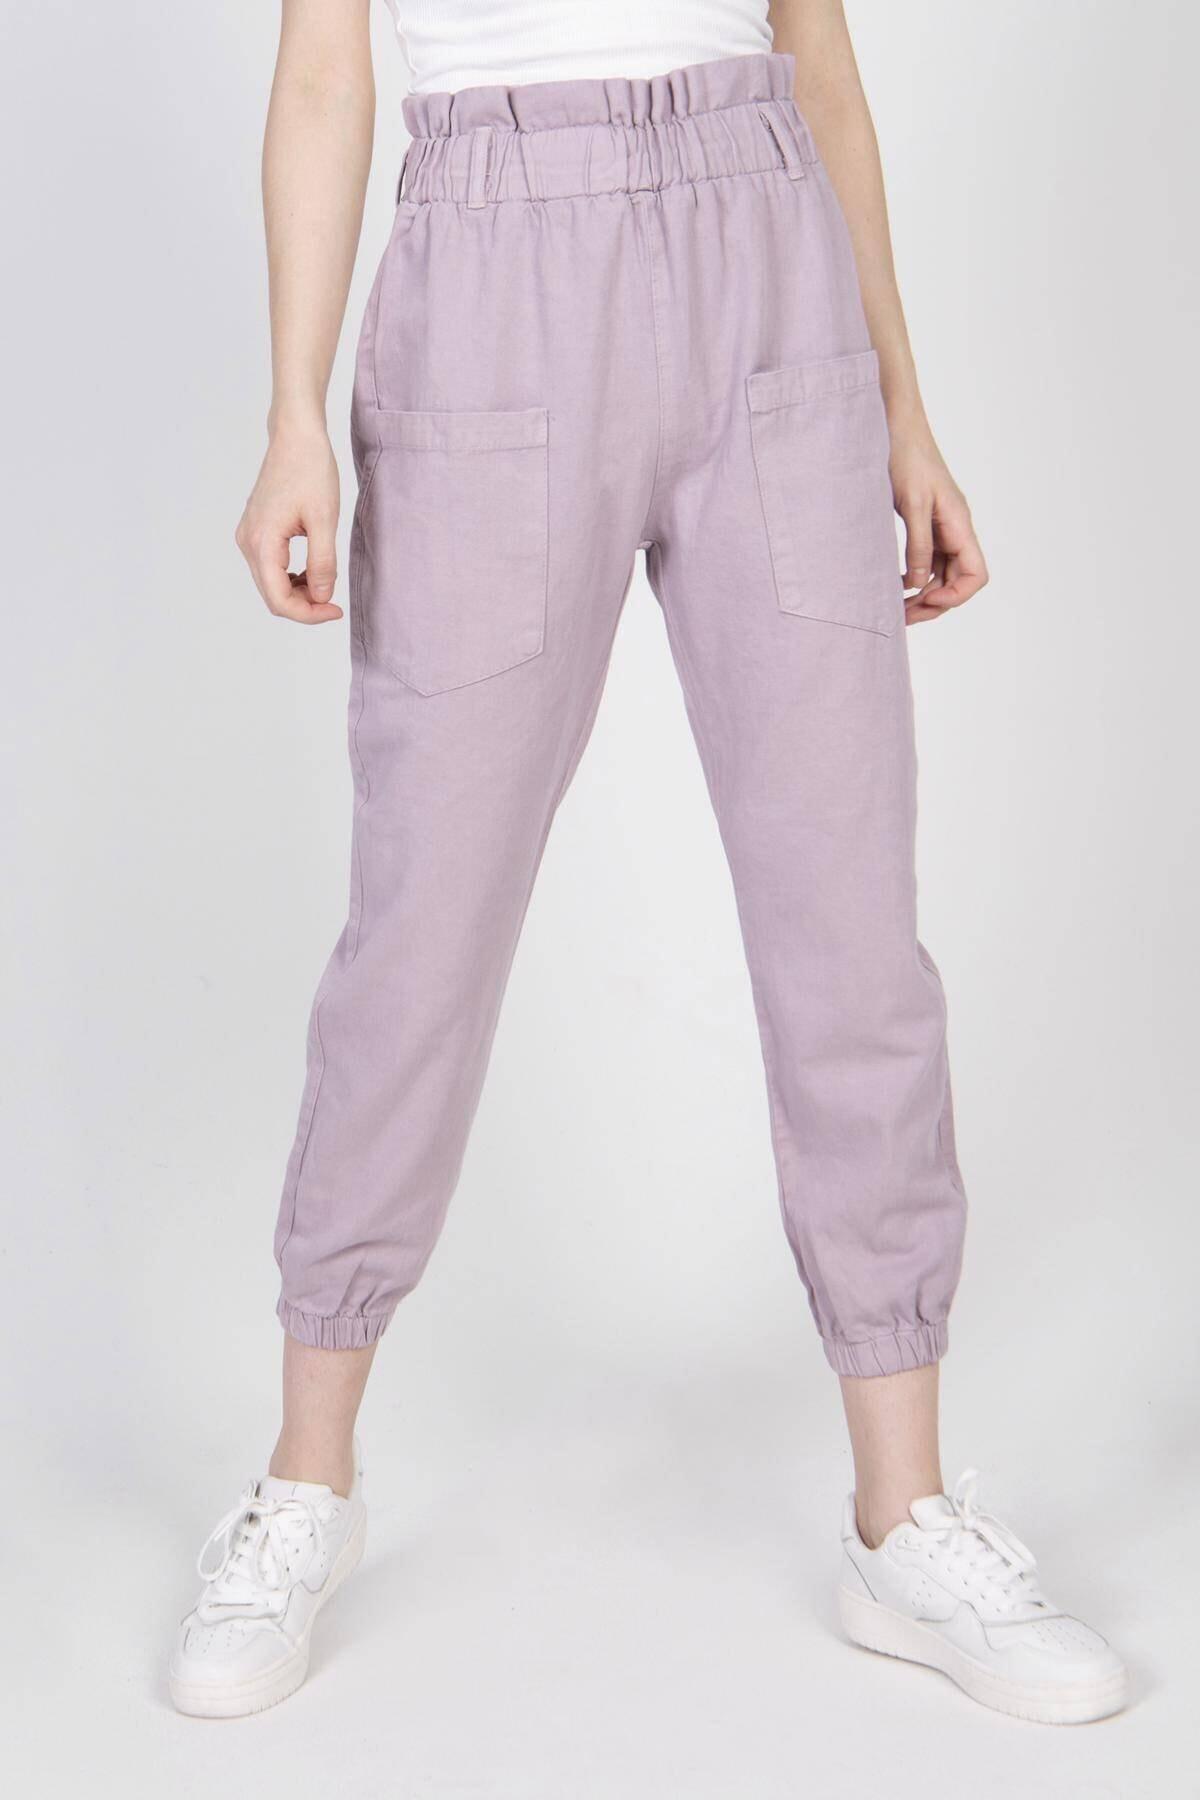 Addax Kadın Lila Cep Detaylı Pantolon Pn4139 Pnd 2